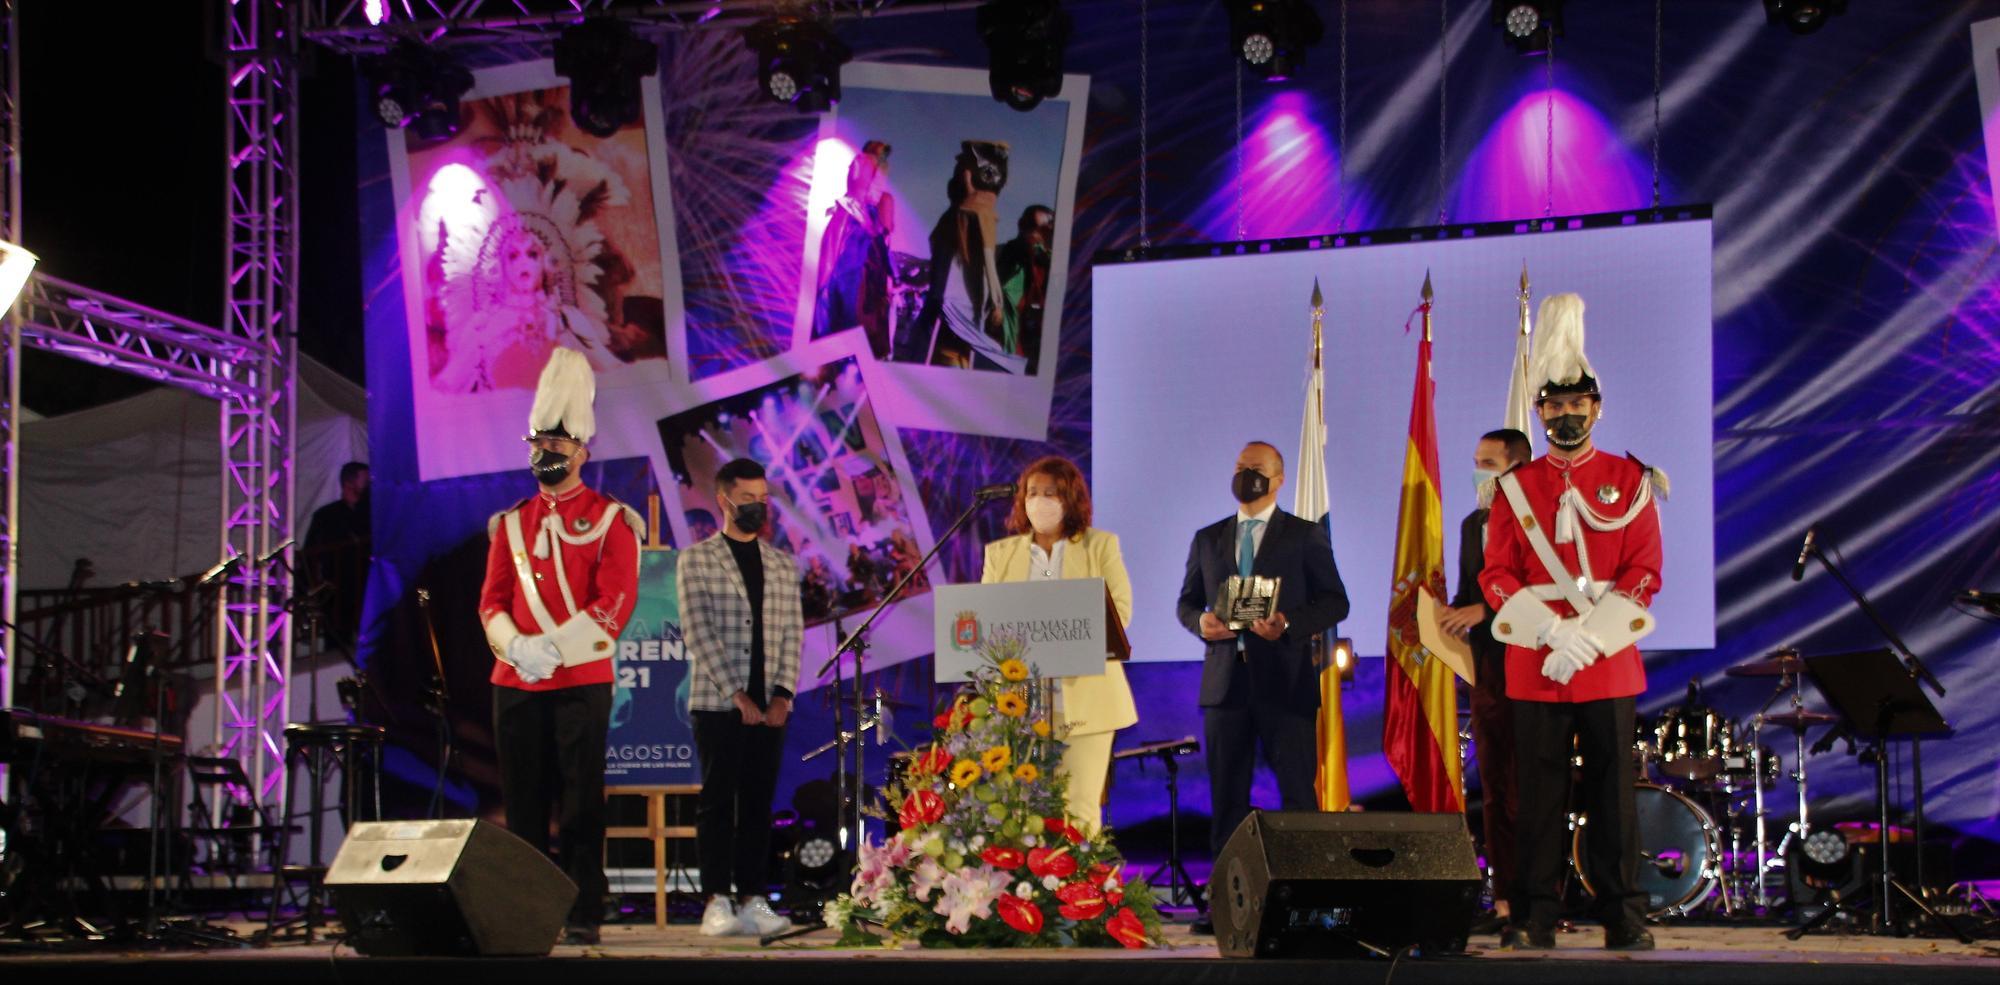 Fiestas de San Lorenzo en Las Palmas de Gran Canaria 2021